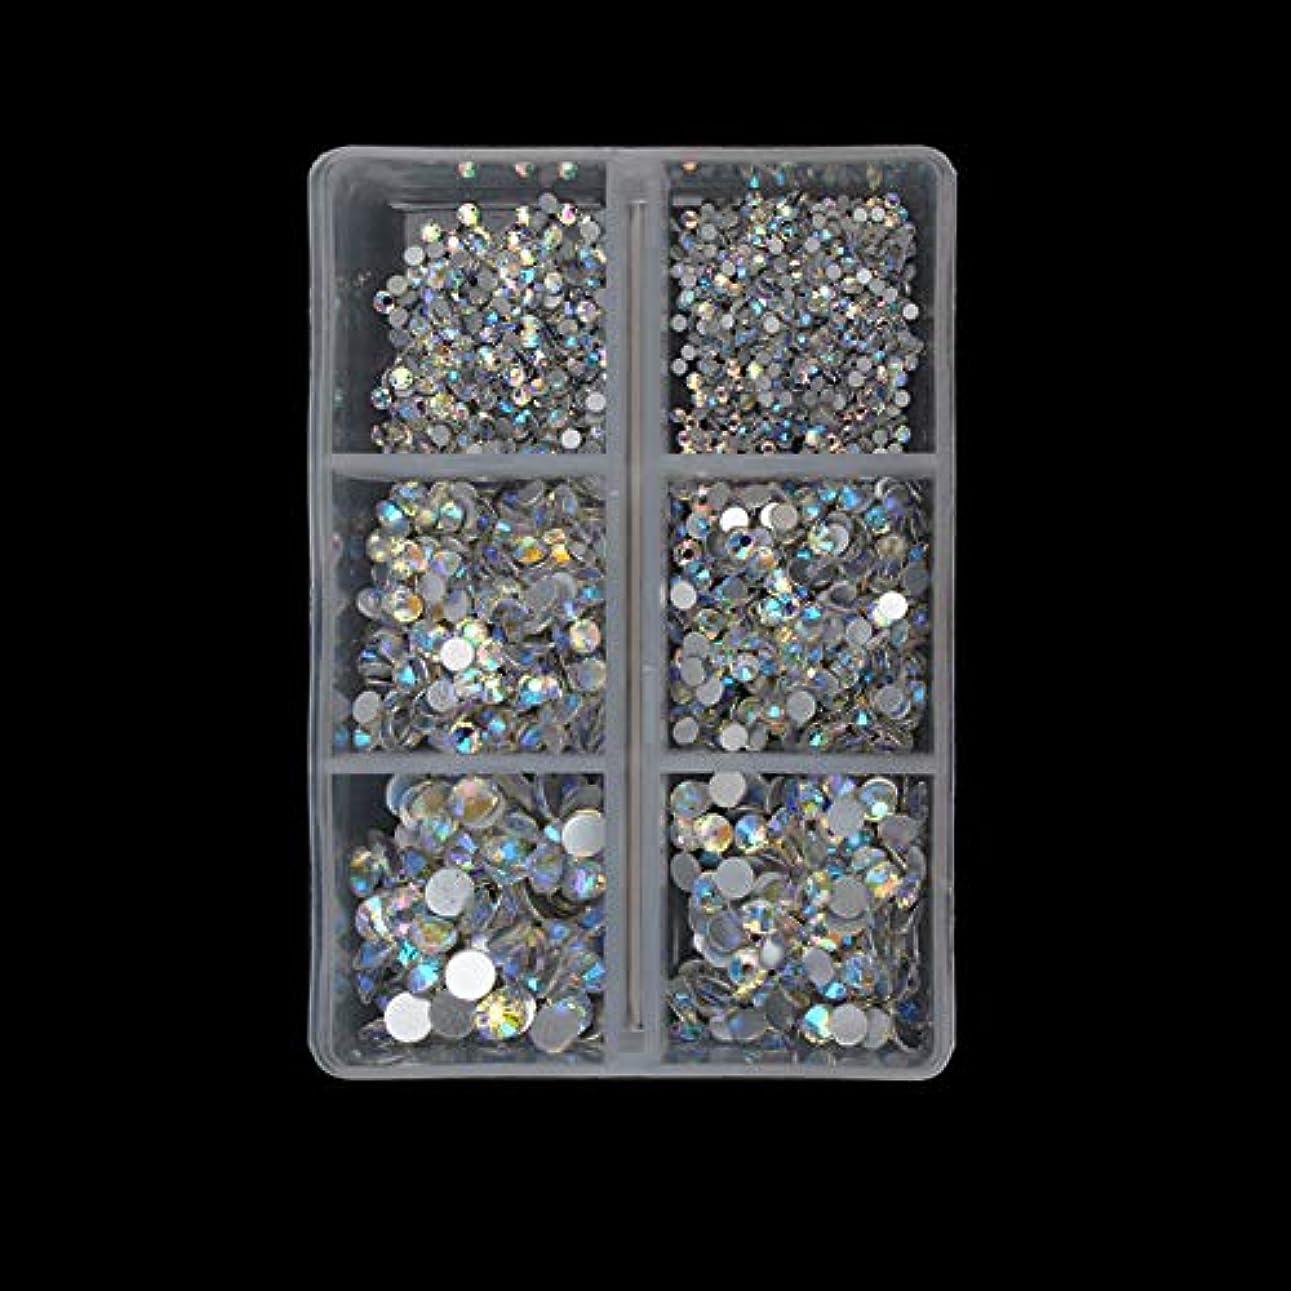 キルスチョーク言い換えるとACHICOO ネイルラインストーン UVネイルポリッシュ ネイルジュエリー用 6グリッド/セット キラキラ ガラス 可愛い 手作りネイル   14箱入り